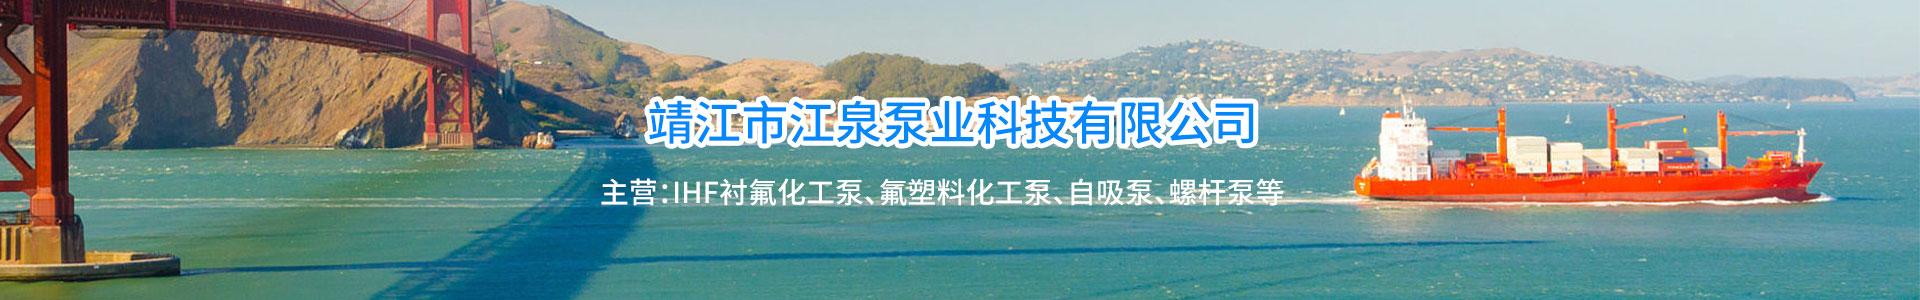 靖江市江泉泵业科技有限公司